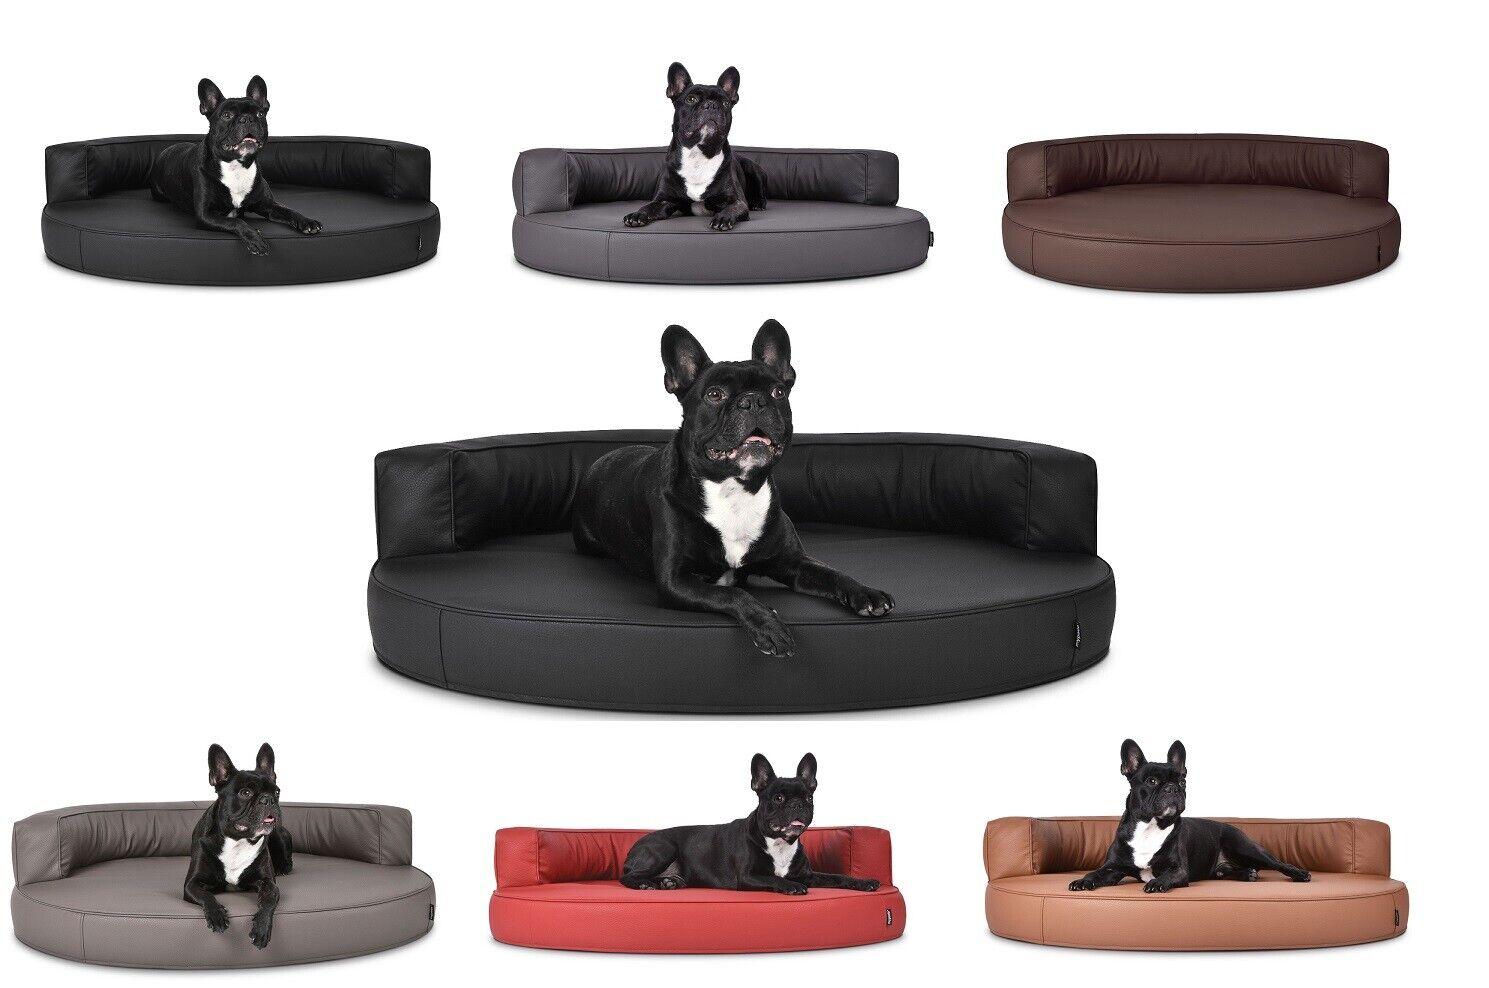 Padsforall Hundebett Hundesofa Atlanta Select+ Kunstleder auch Orthopädisch